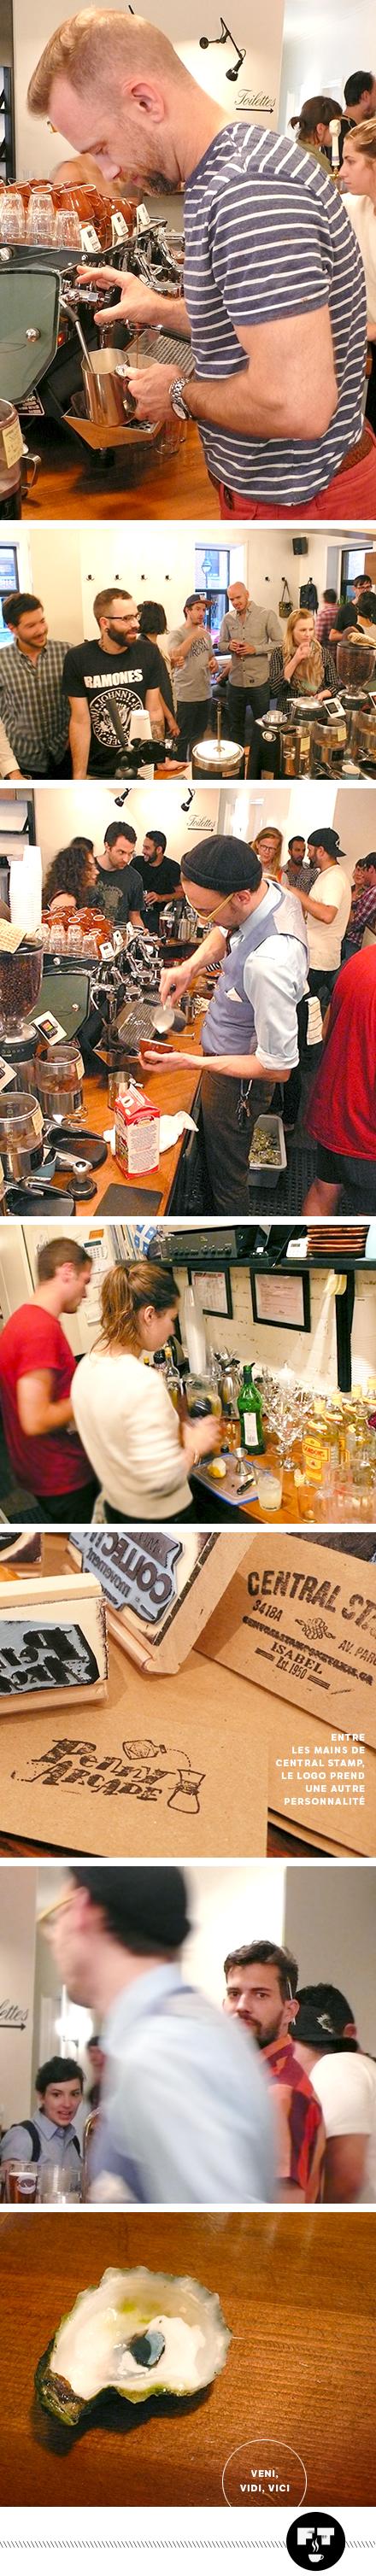 28-08-13-CafeFrenchToast-PennyArcadeno01-04